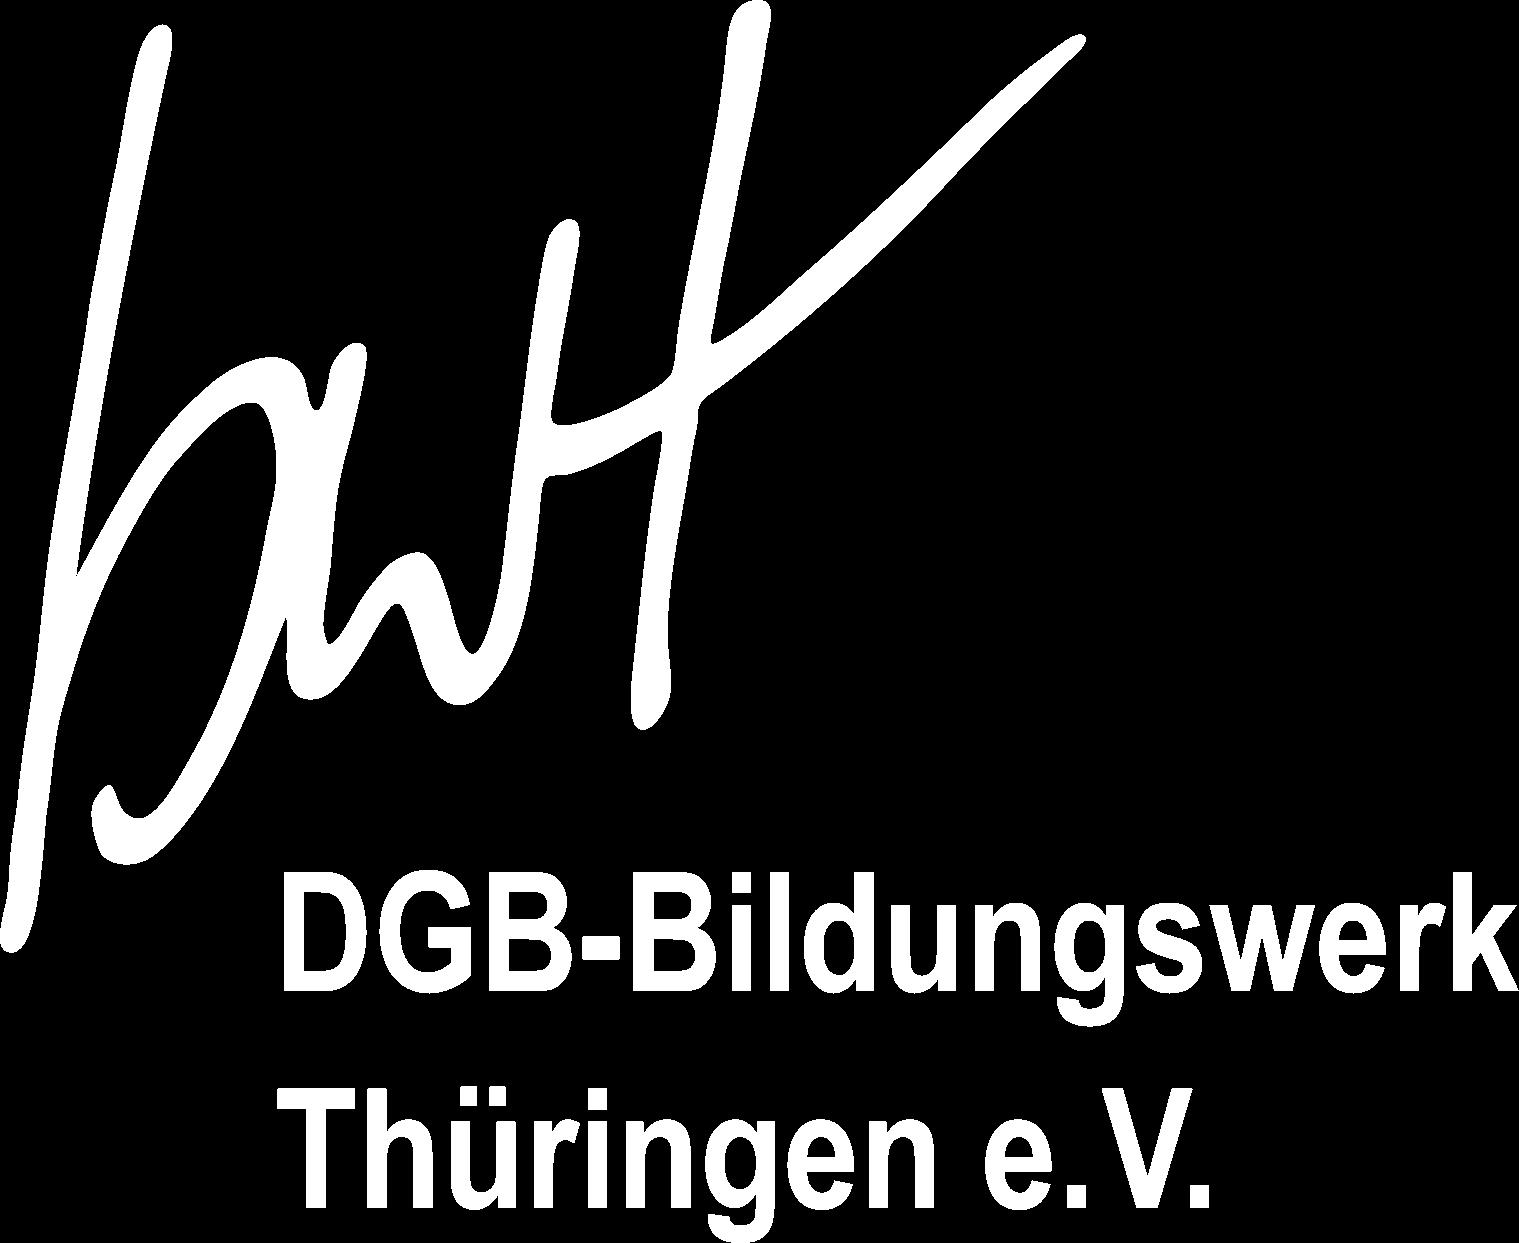 DGB-Bildungswerk Thüringen e.V.